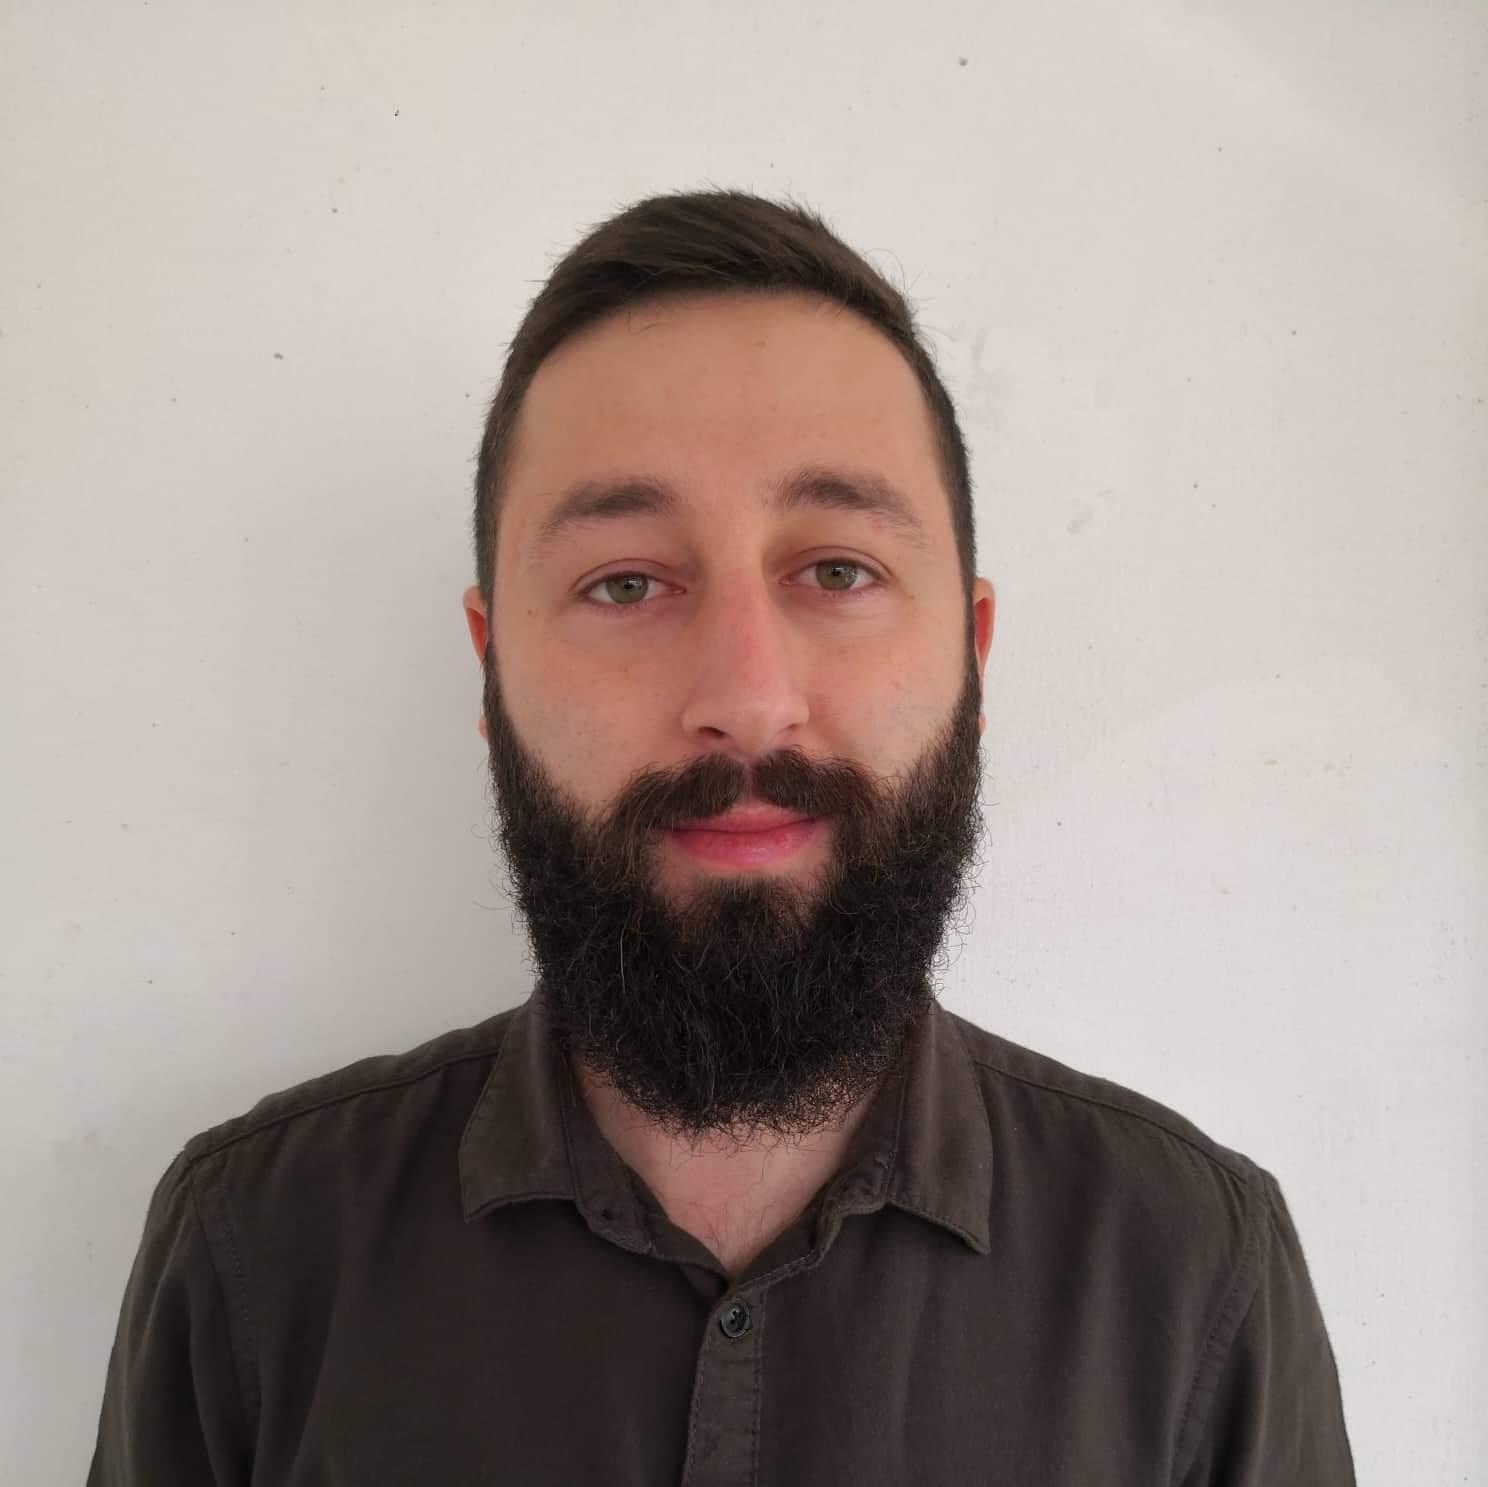 Κωνσταντίνος Αγαθοκλέους, Συμβουλευτικός Ψυχολόγος